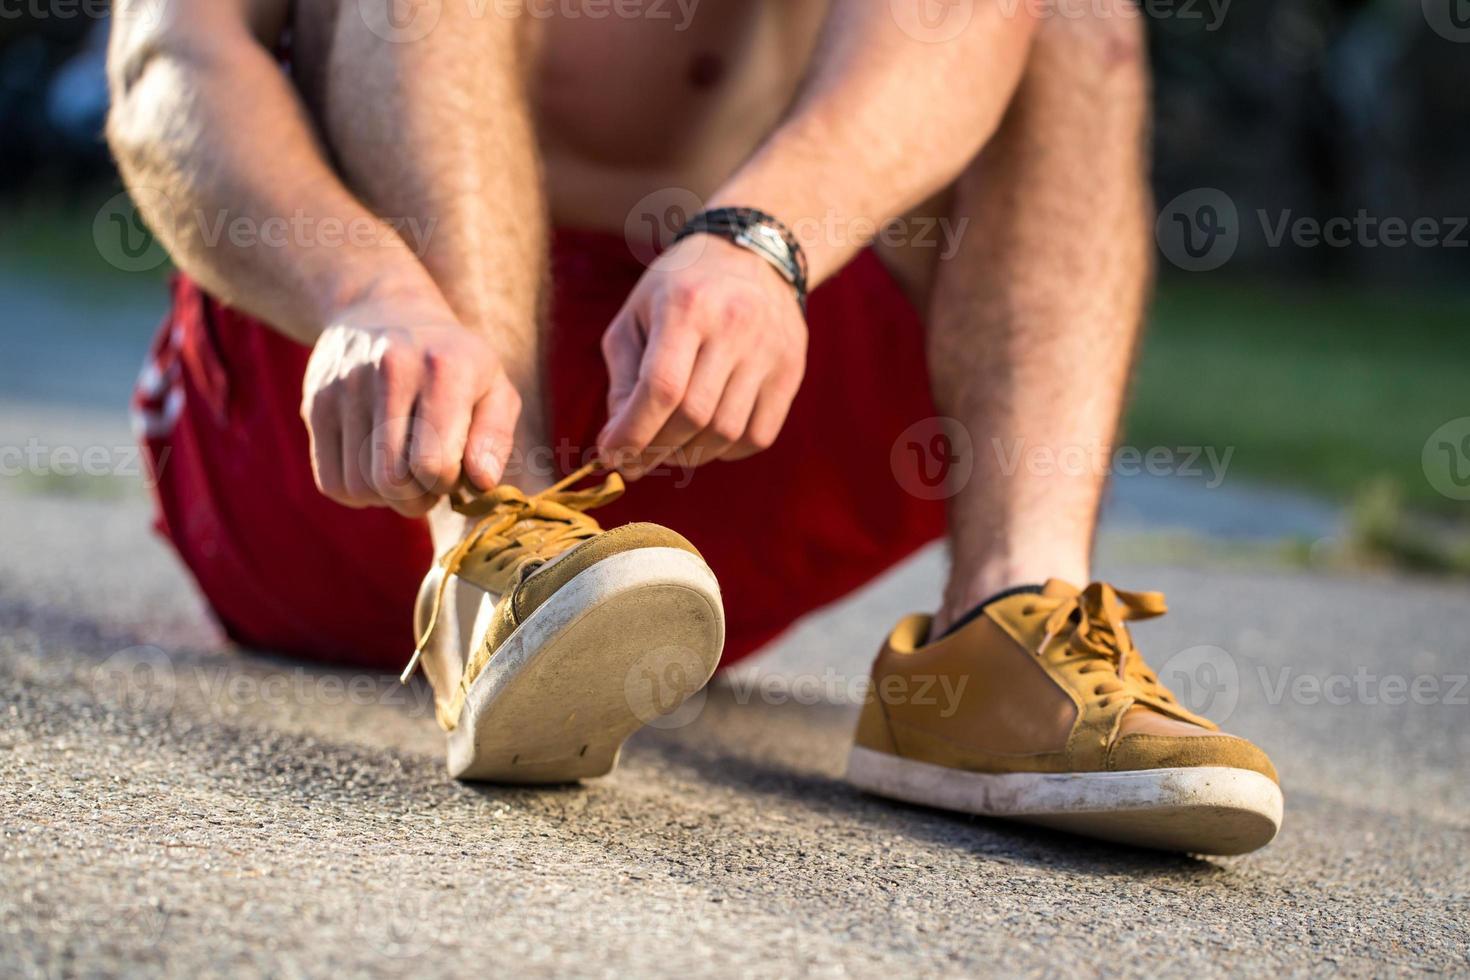 coureur attachant des chaussures photo